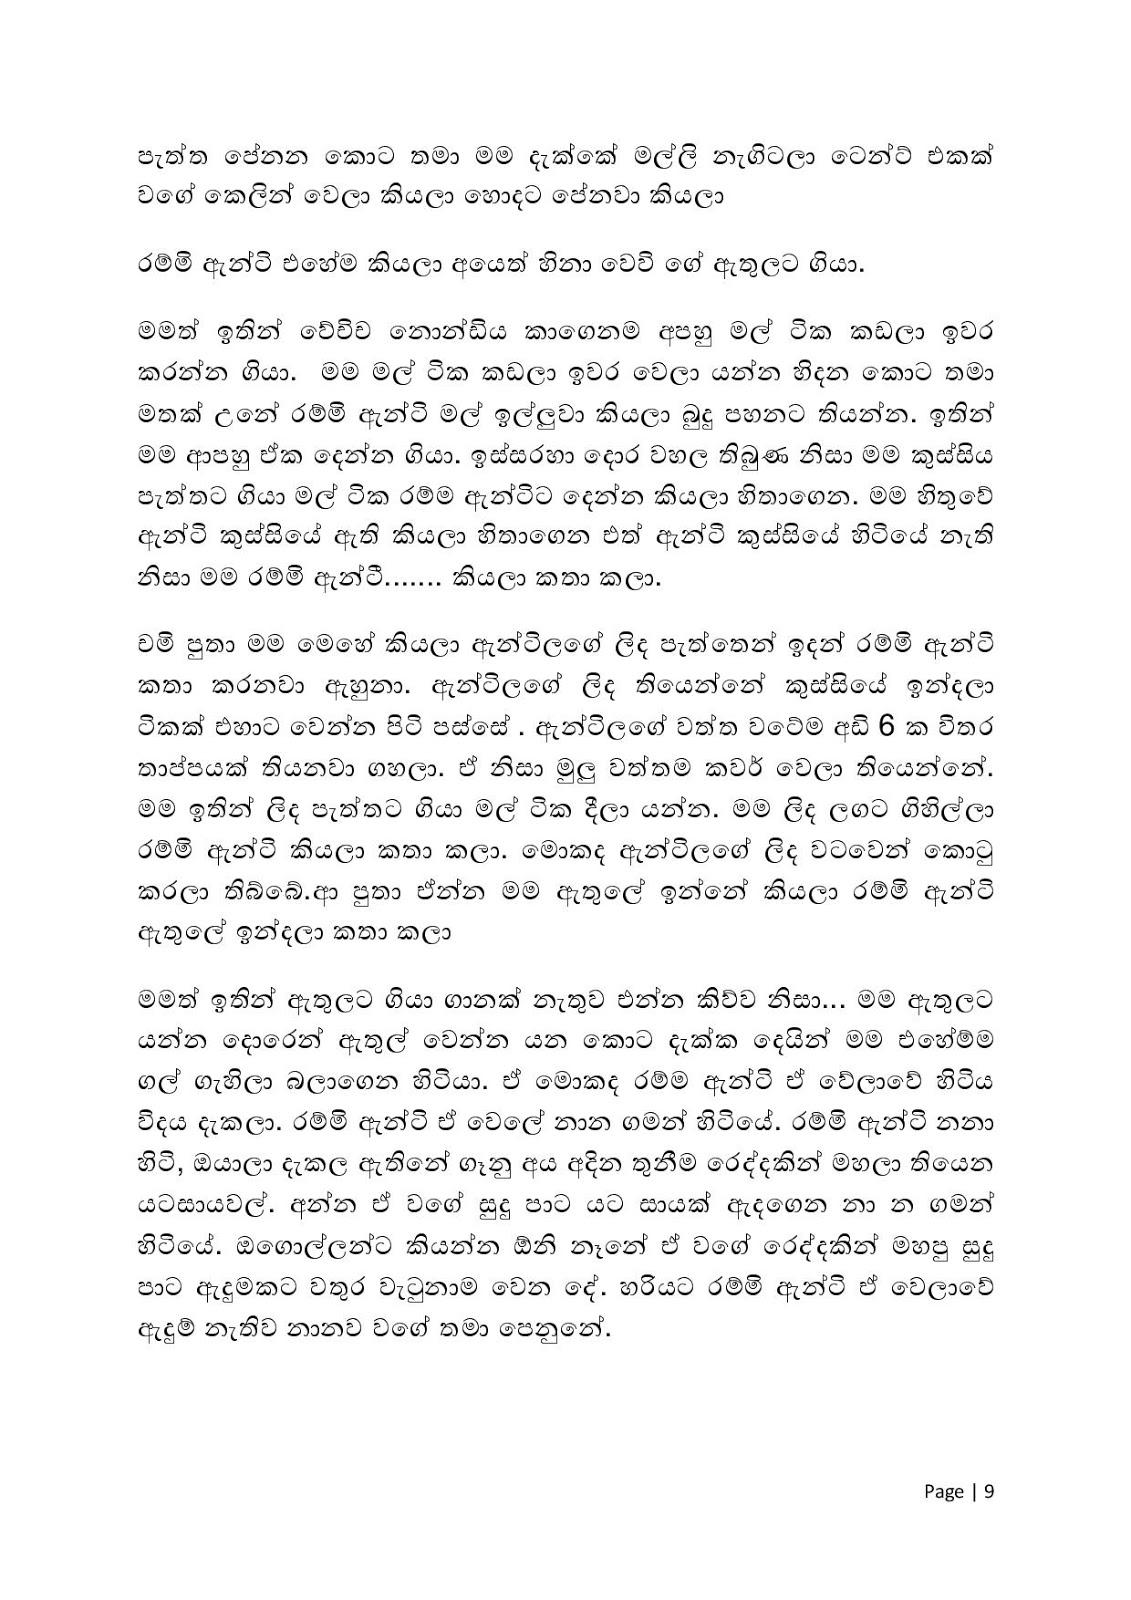 Sinhala wela katha sinhala wela katha 2011 sinhala wela katha